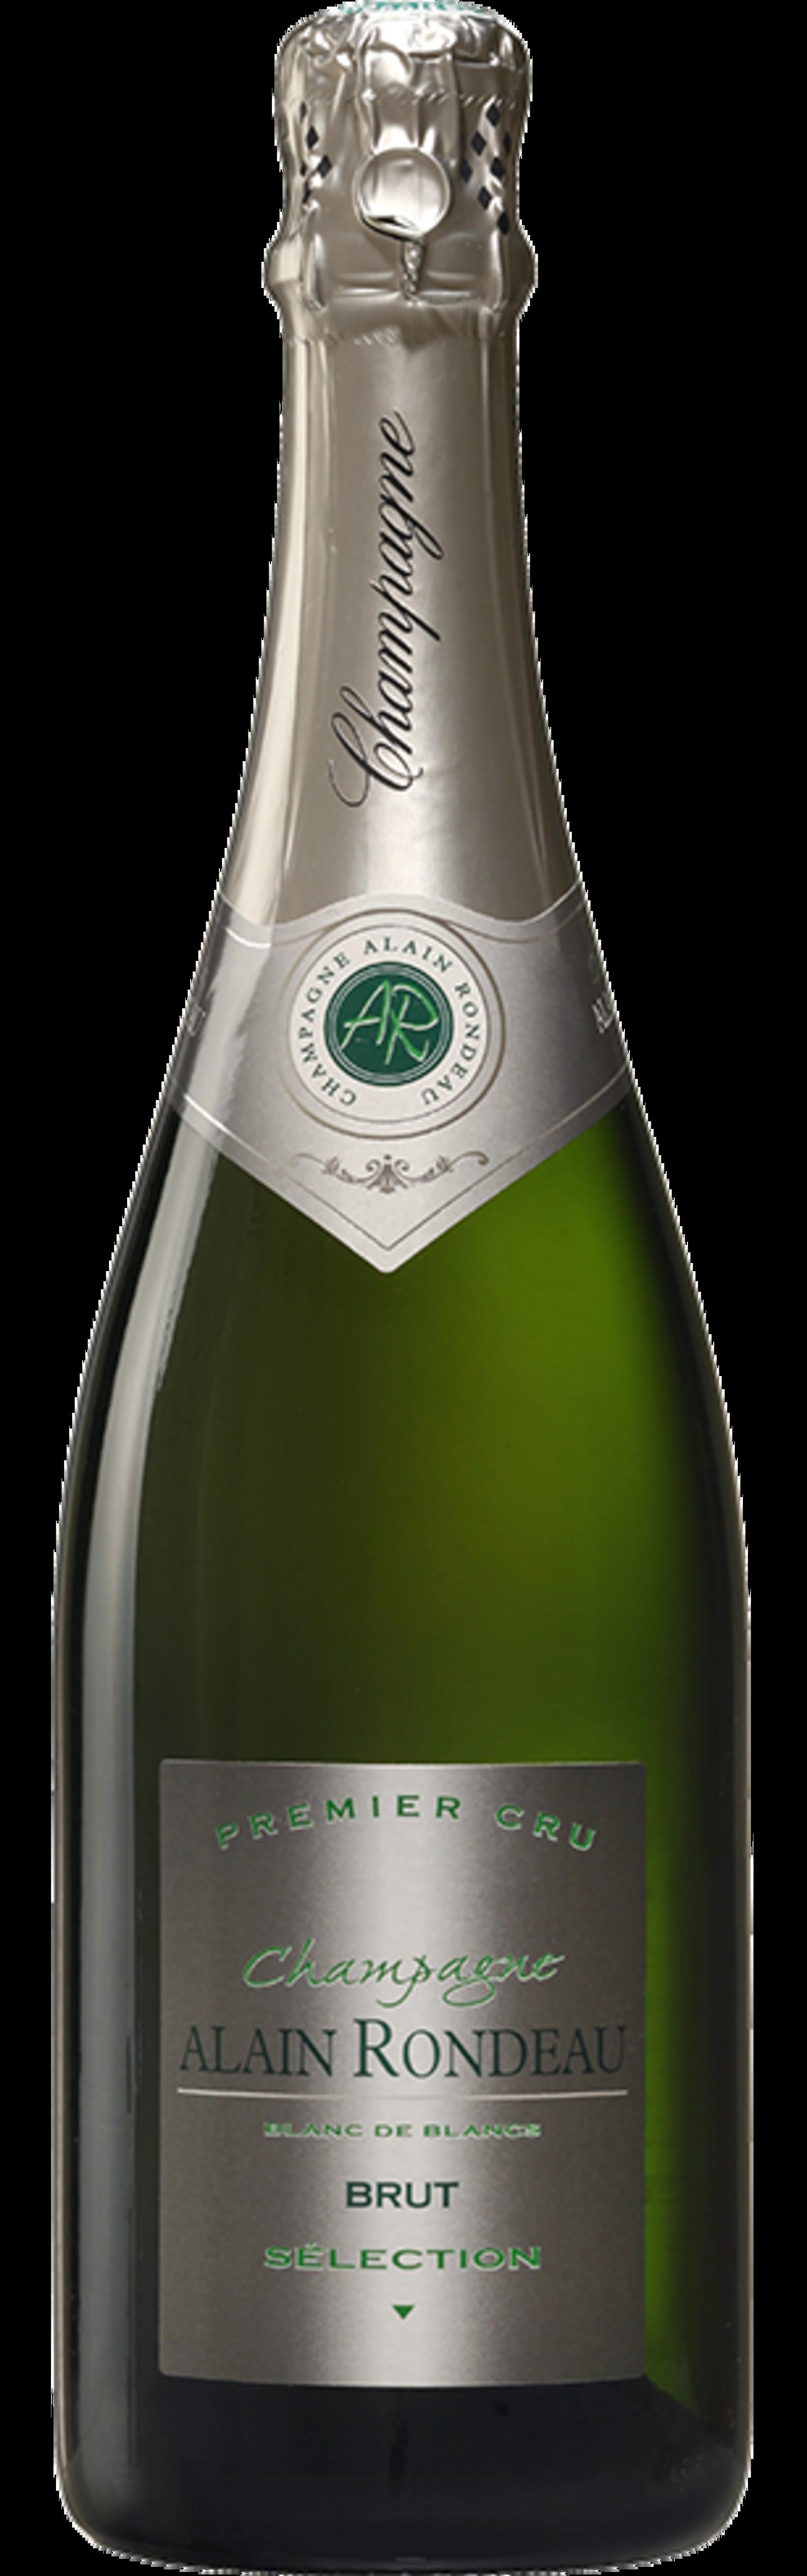 Bouteille de Champagne Cuvée Sélection Blanc de Blancs